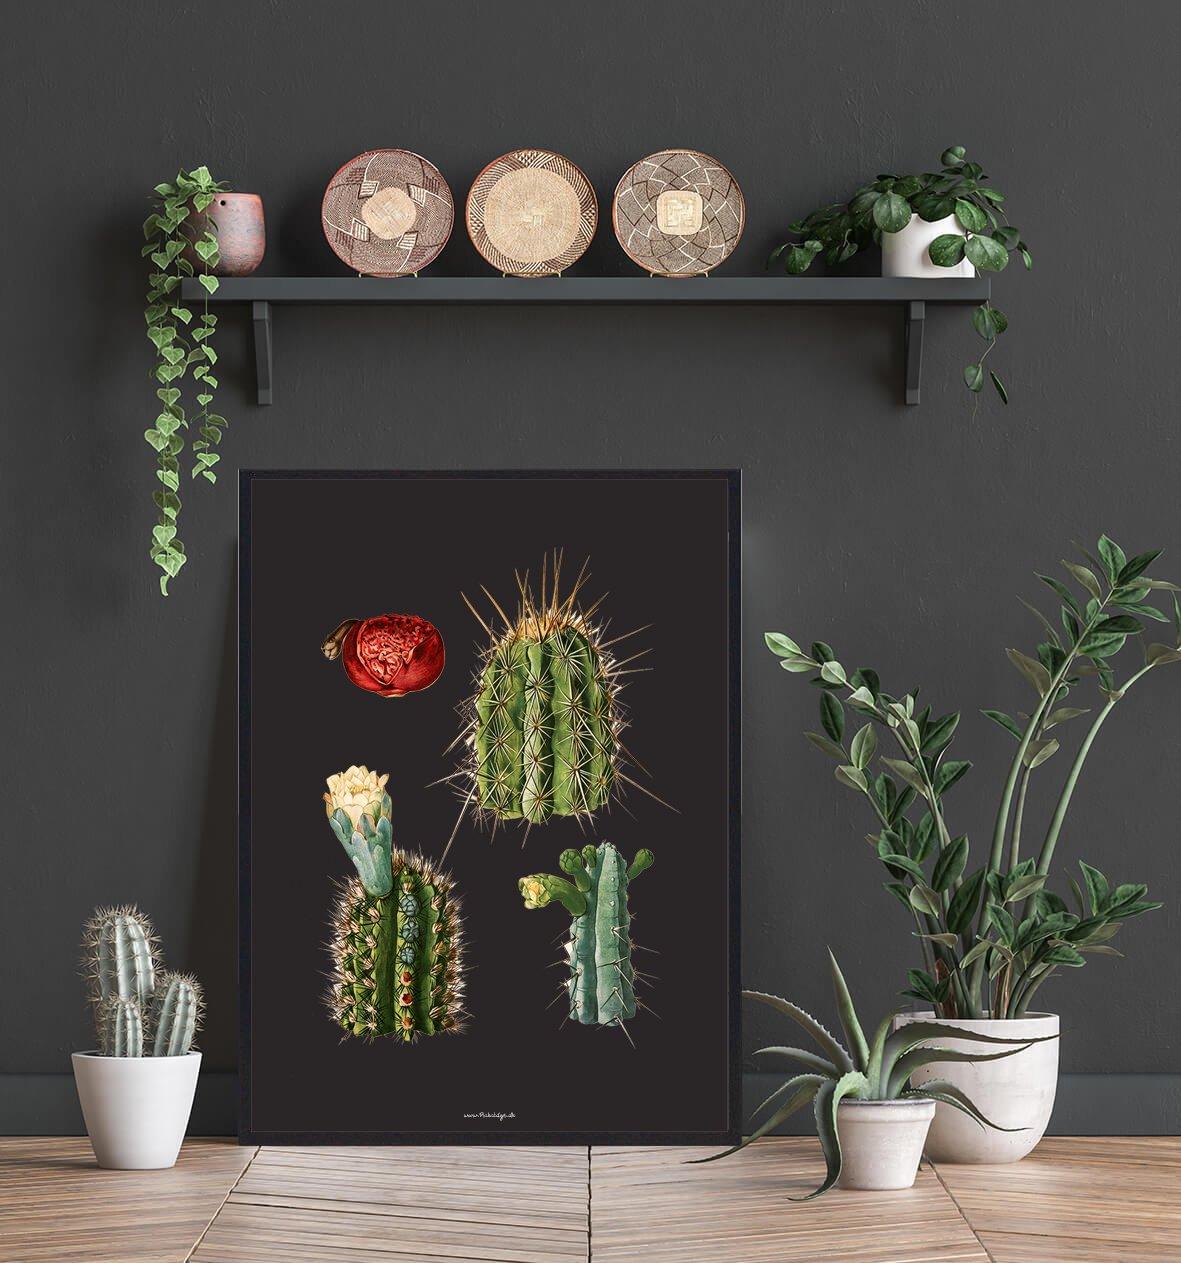 kaktus-billede-plakat-2